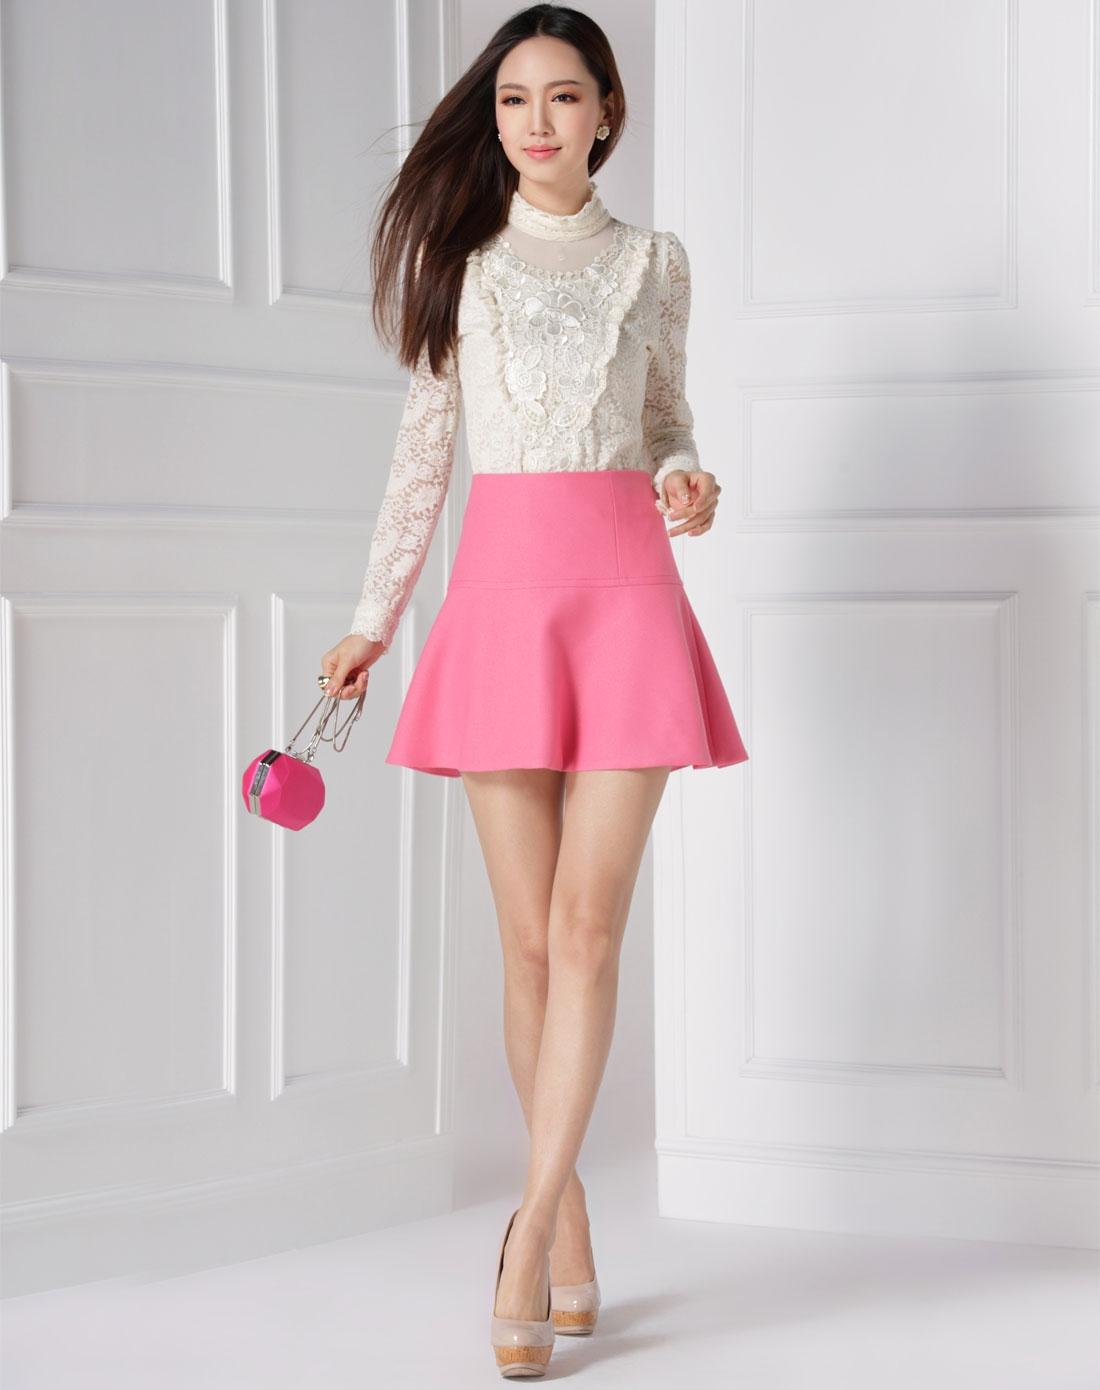 深粉红色甜美可爱